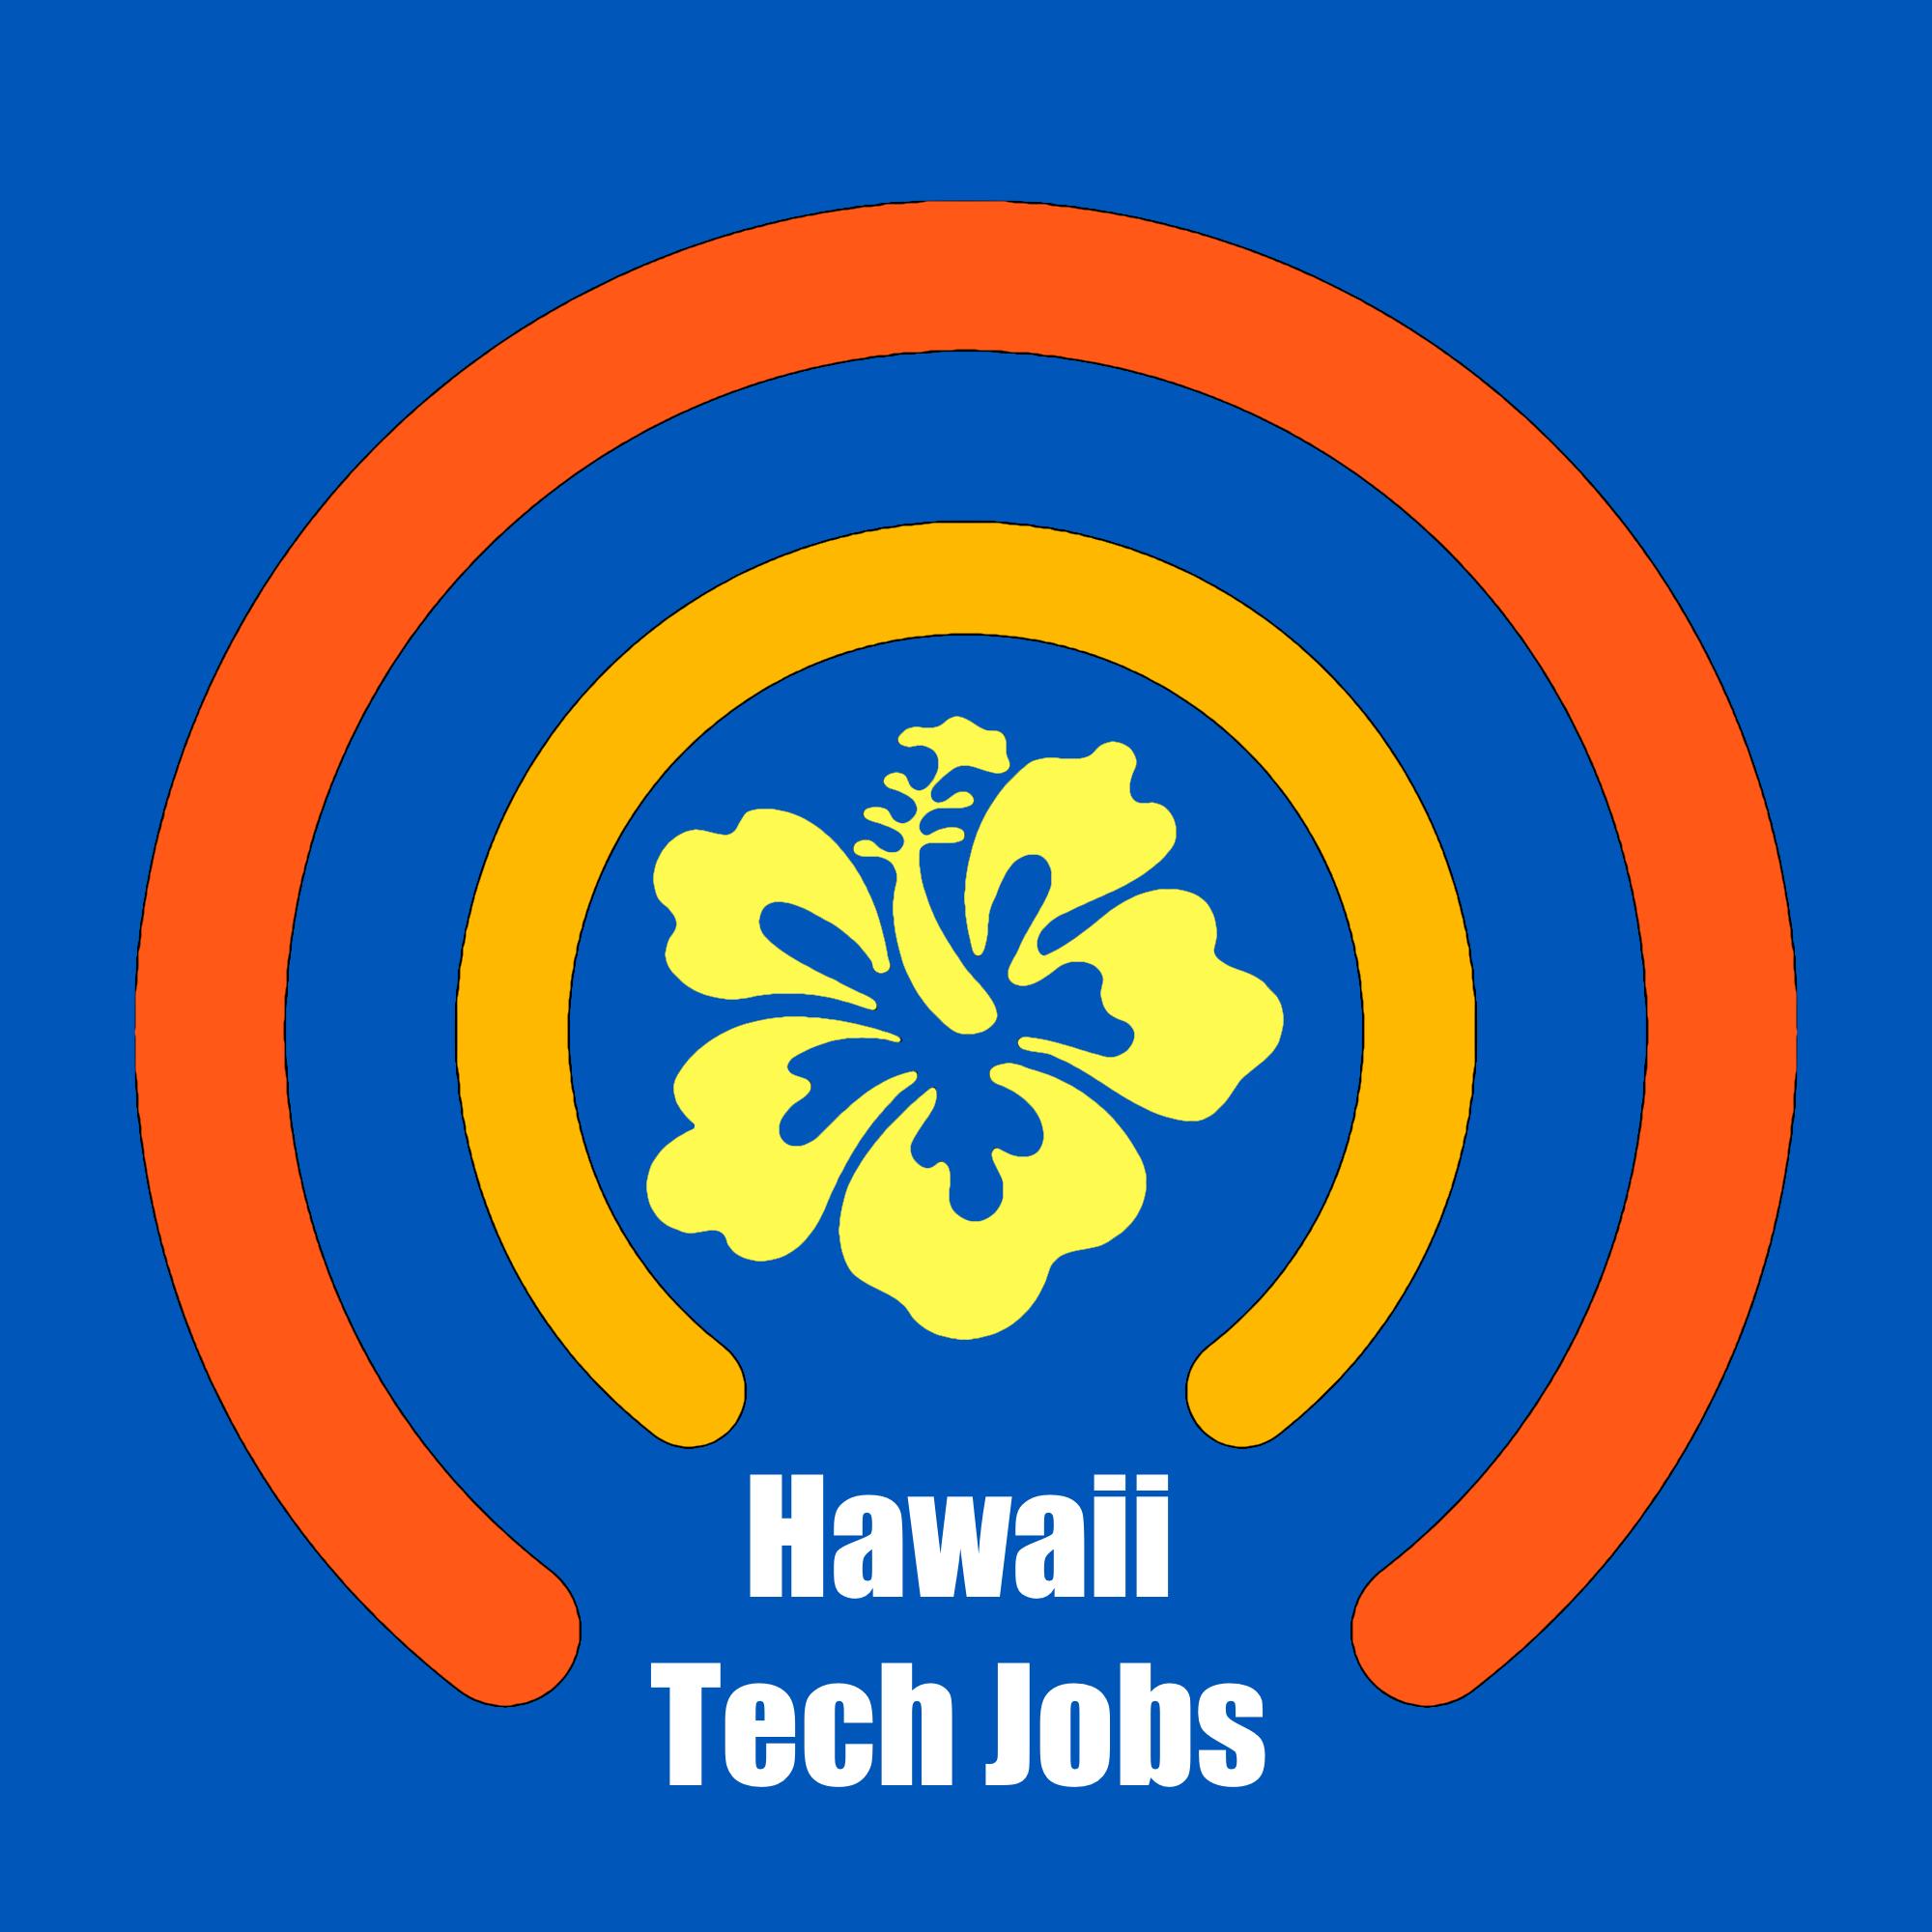 Hawaii Tech Jobs